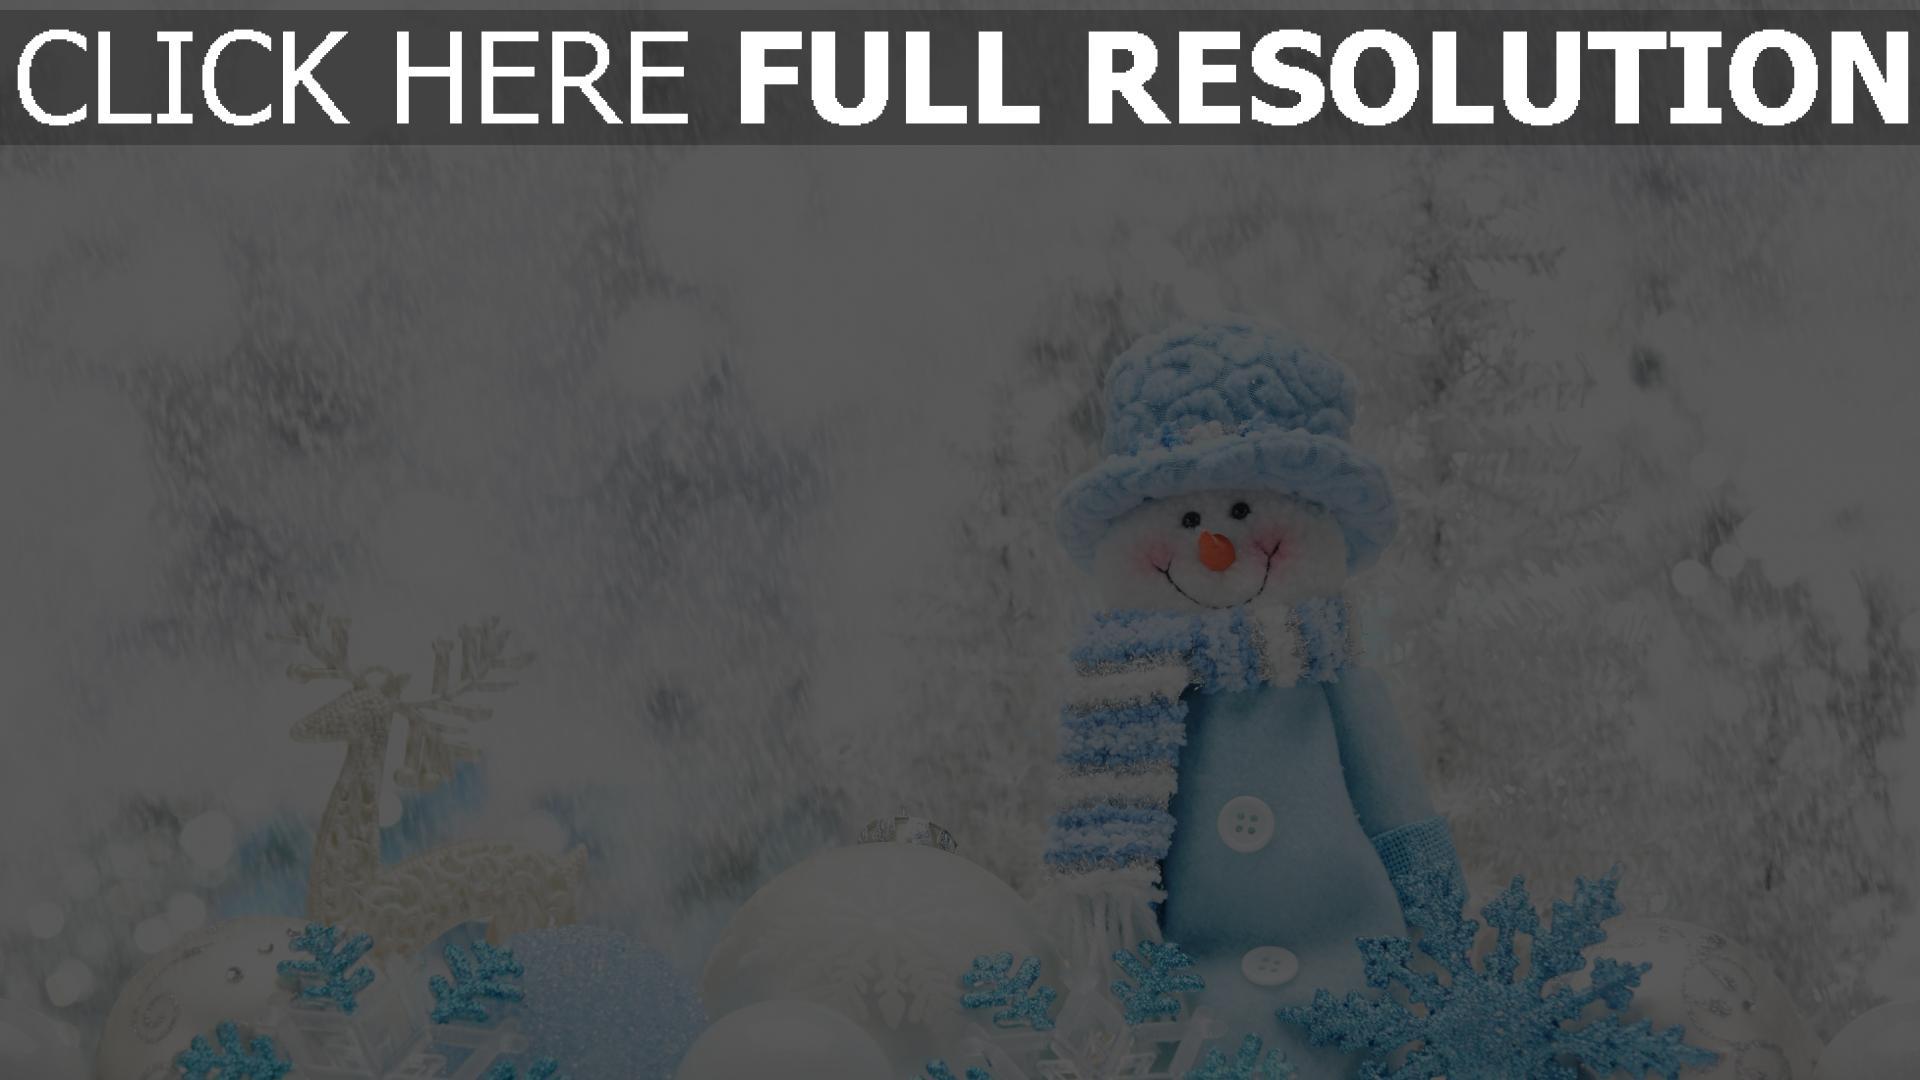 Hintergrund Weihnachten.Herunterladen 1920x1080 Full Hd Hintergrundbilder Winter